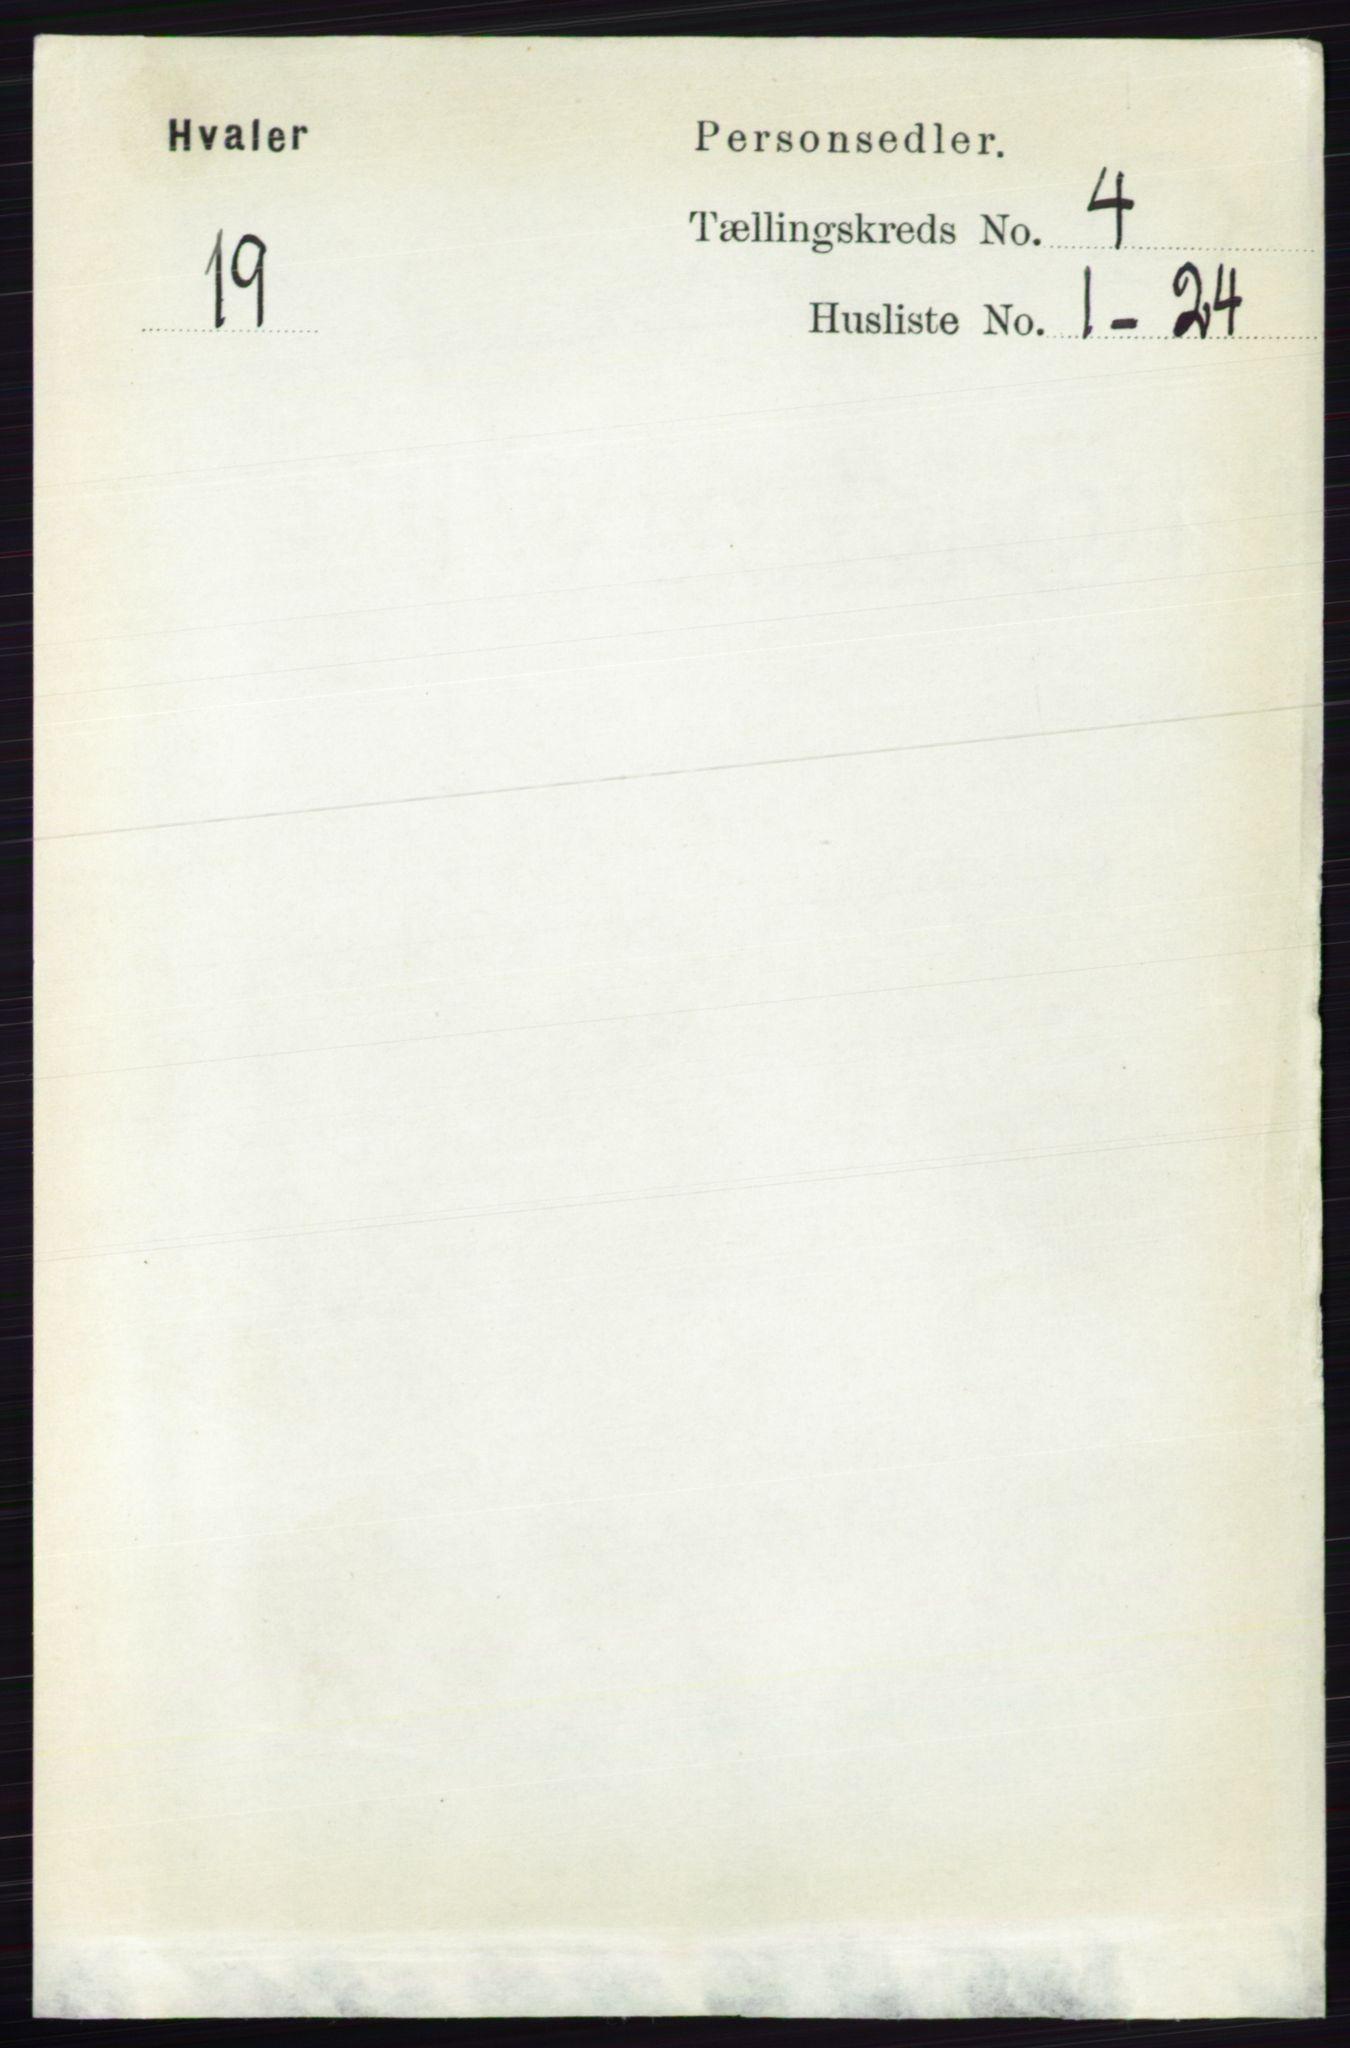 RA, Folketelling 1891 for 0111 Hvaler herred, 1891, s. 2638